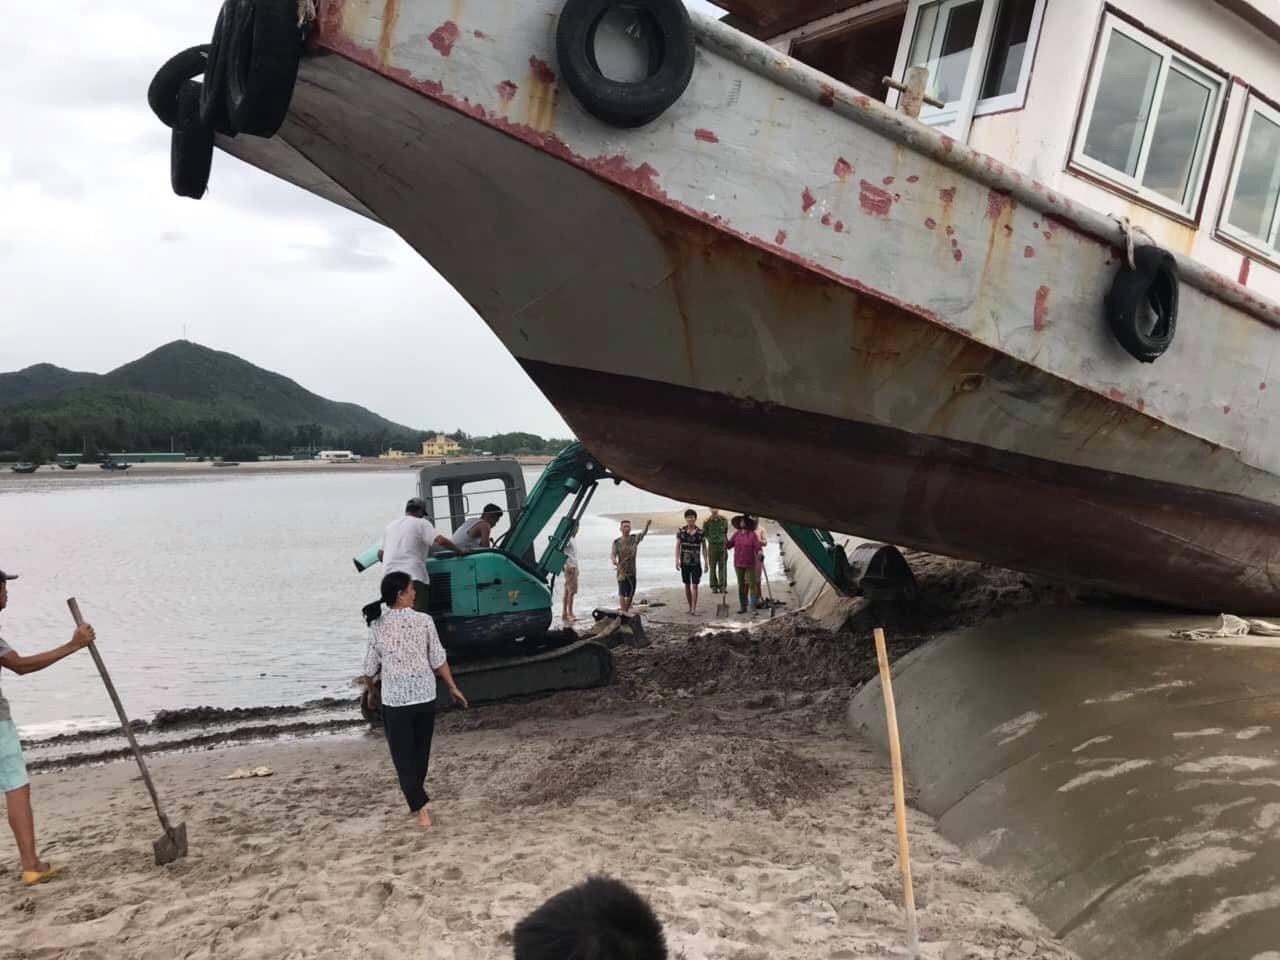 Lo chạy tránh bão số 3, tàu khách Quảng Ninh chồm lên đê rồi mắc kẹt